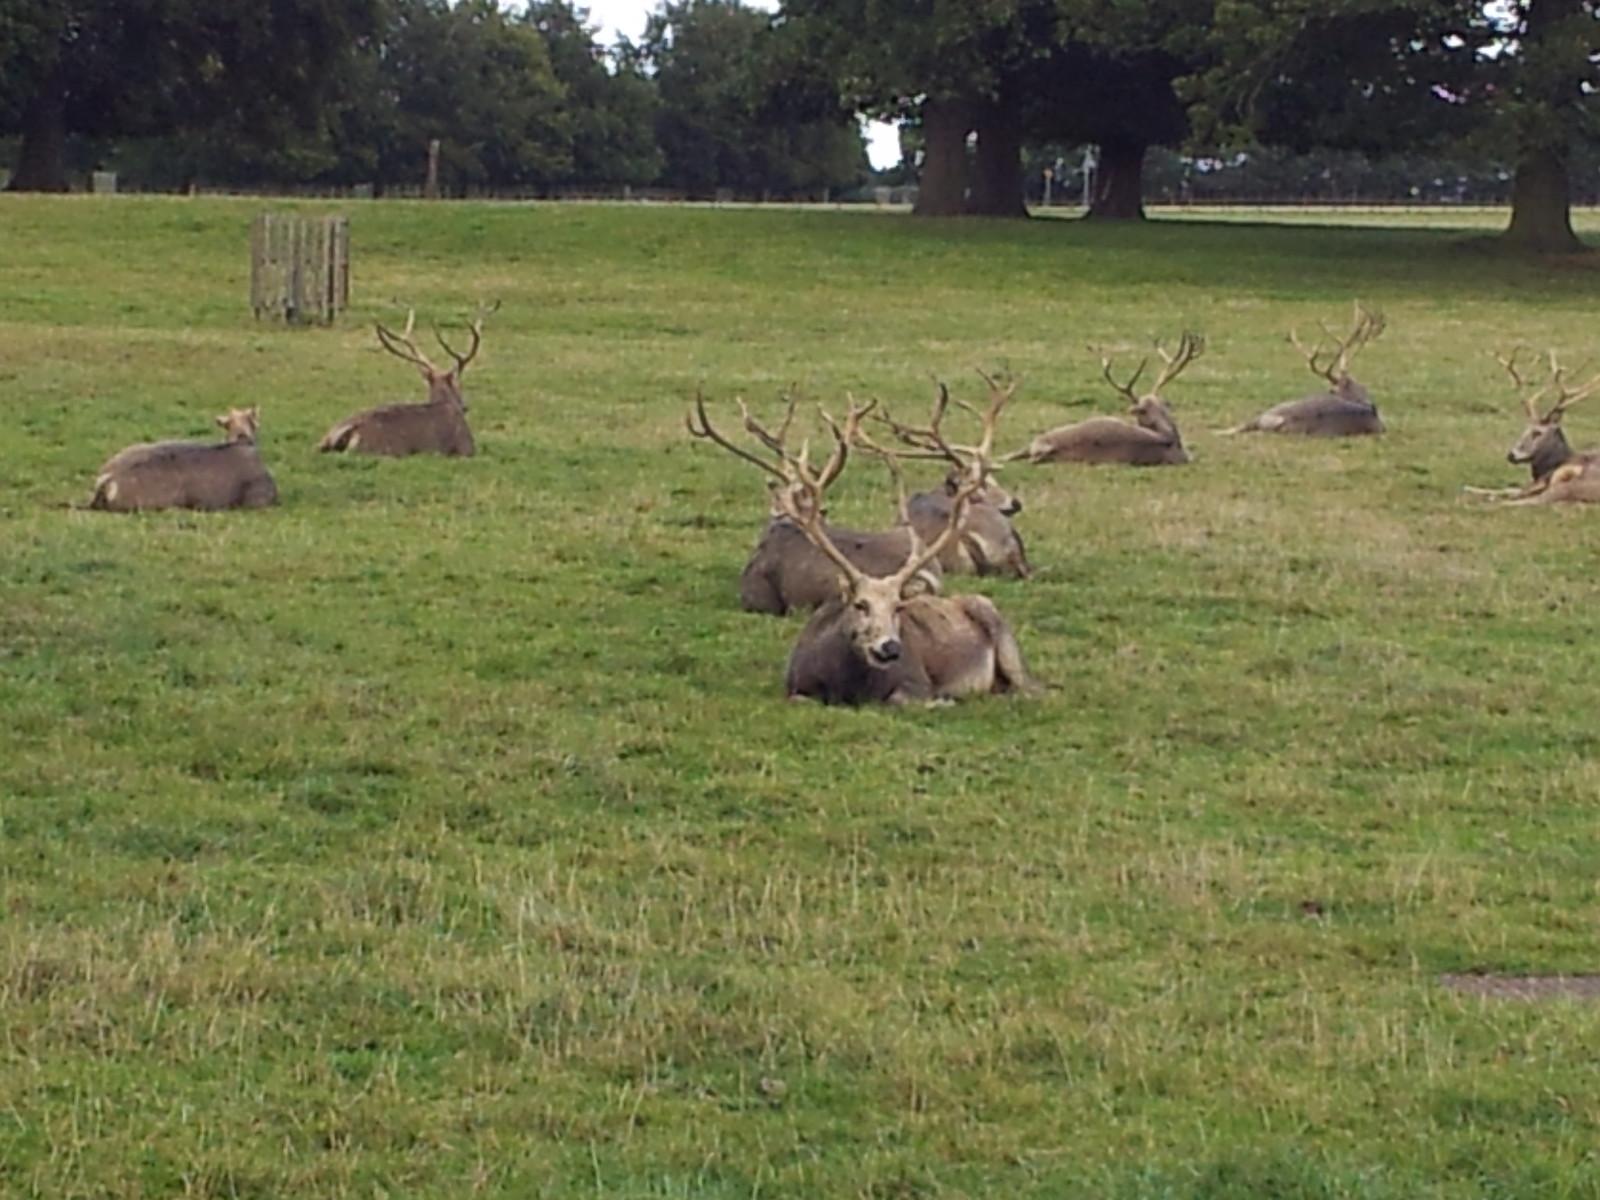 2012-09-29 14.51.33 Resting Deers